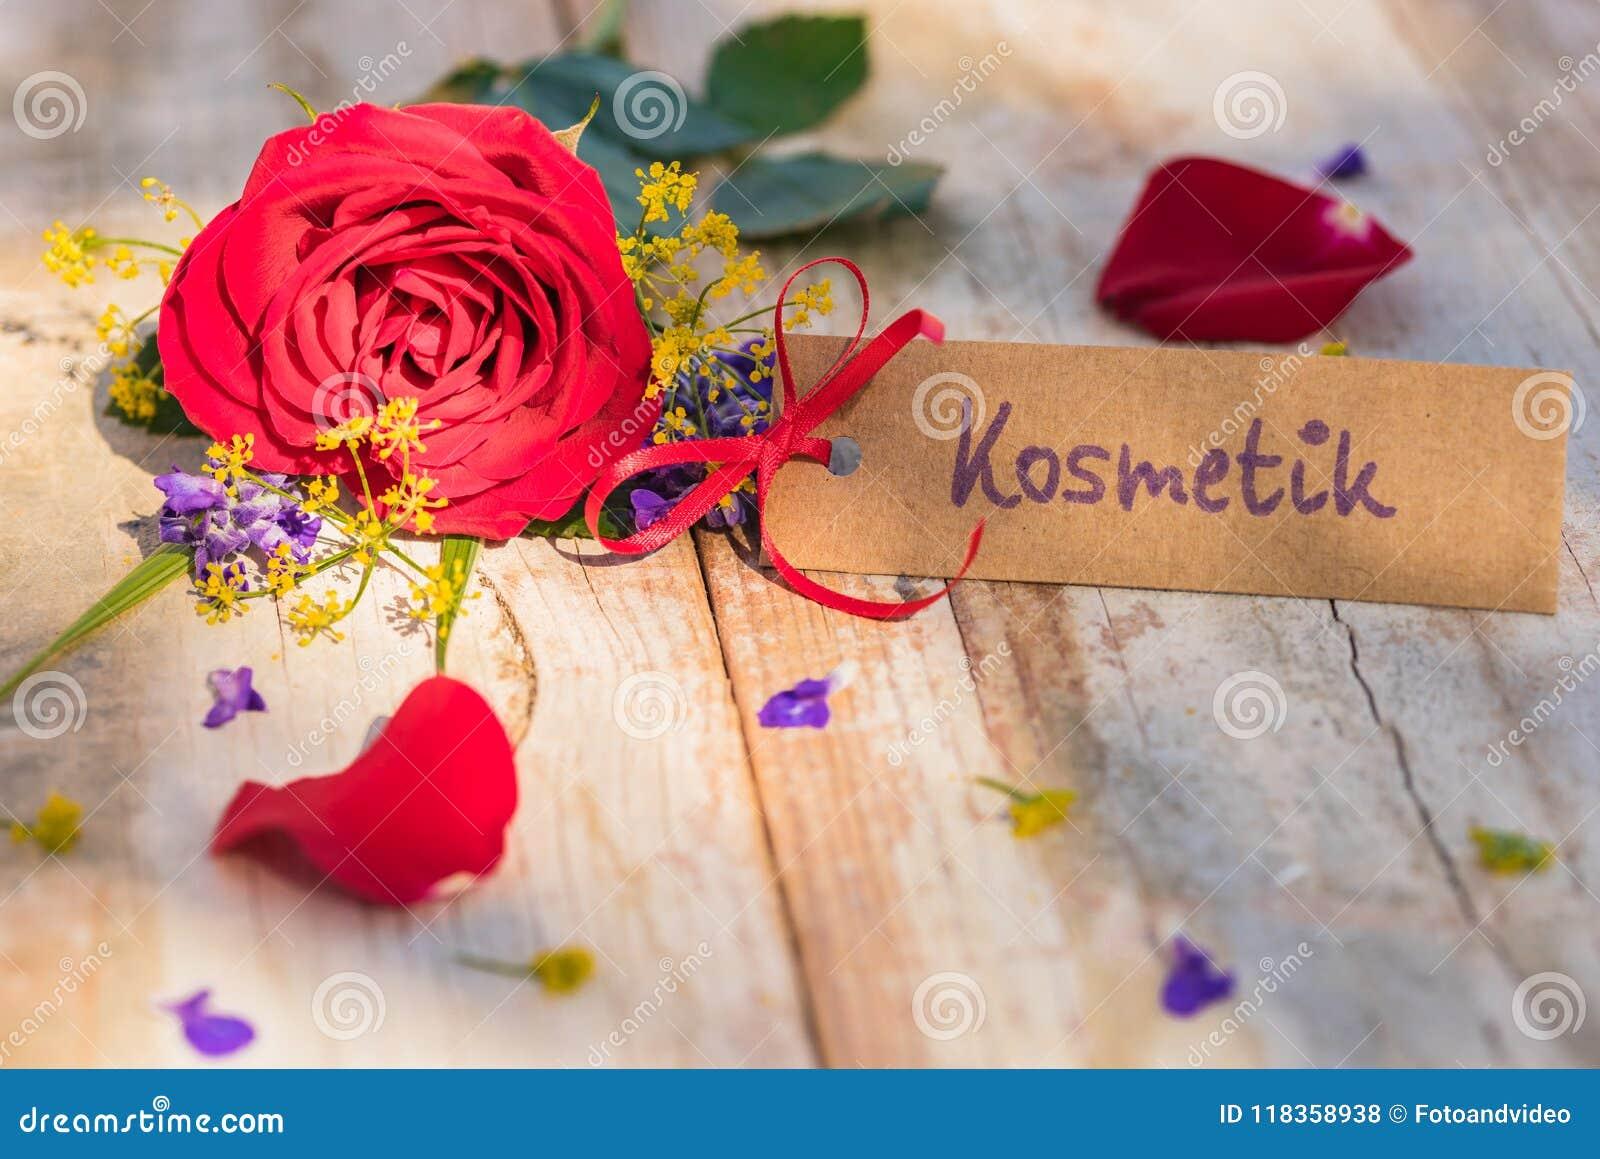 Moedersdag of van de Valentijnskaartendag de giftkaart, de bon of de coupon met Duits woord, Kostmetik, betekenen schoonheidsmidd